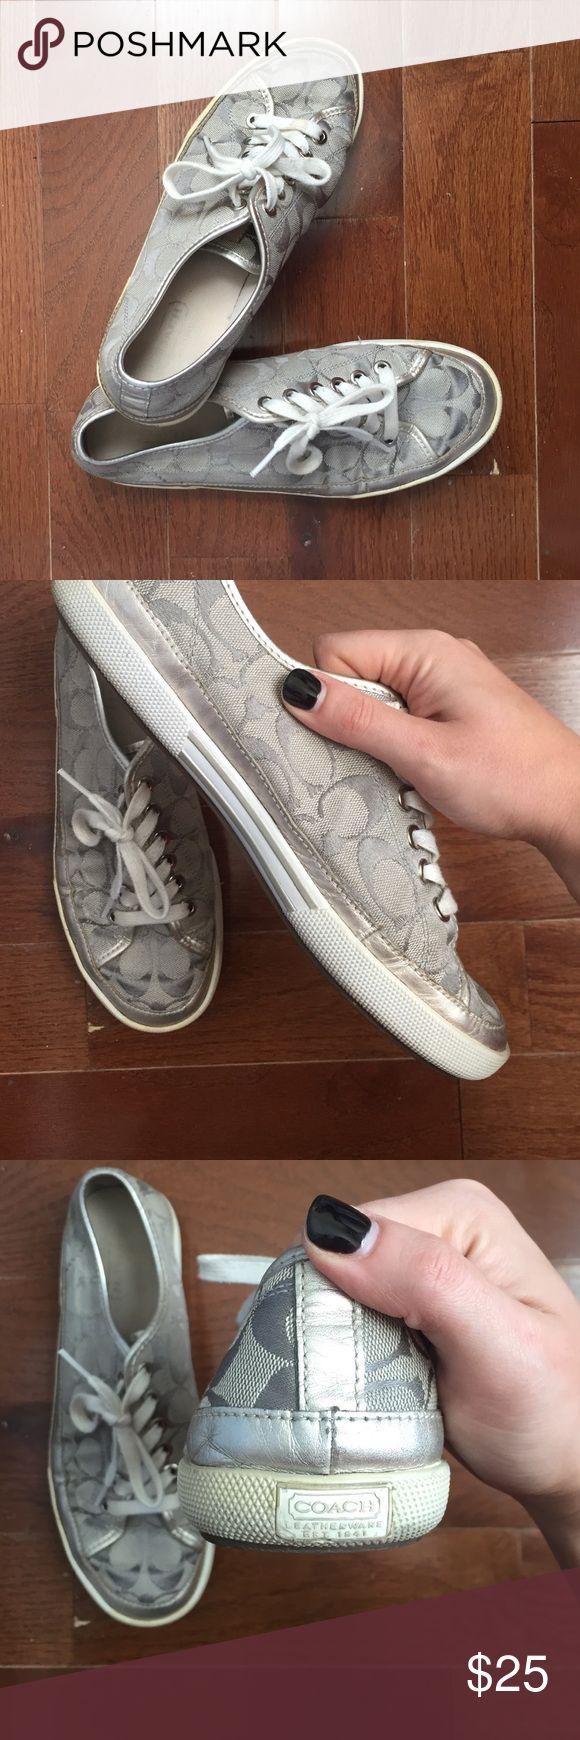 """Coach silver tennis shoes Coach """"Edith"""" metallic silver tennis shoes. Gently used! Coach Shoes Sneakers"""